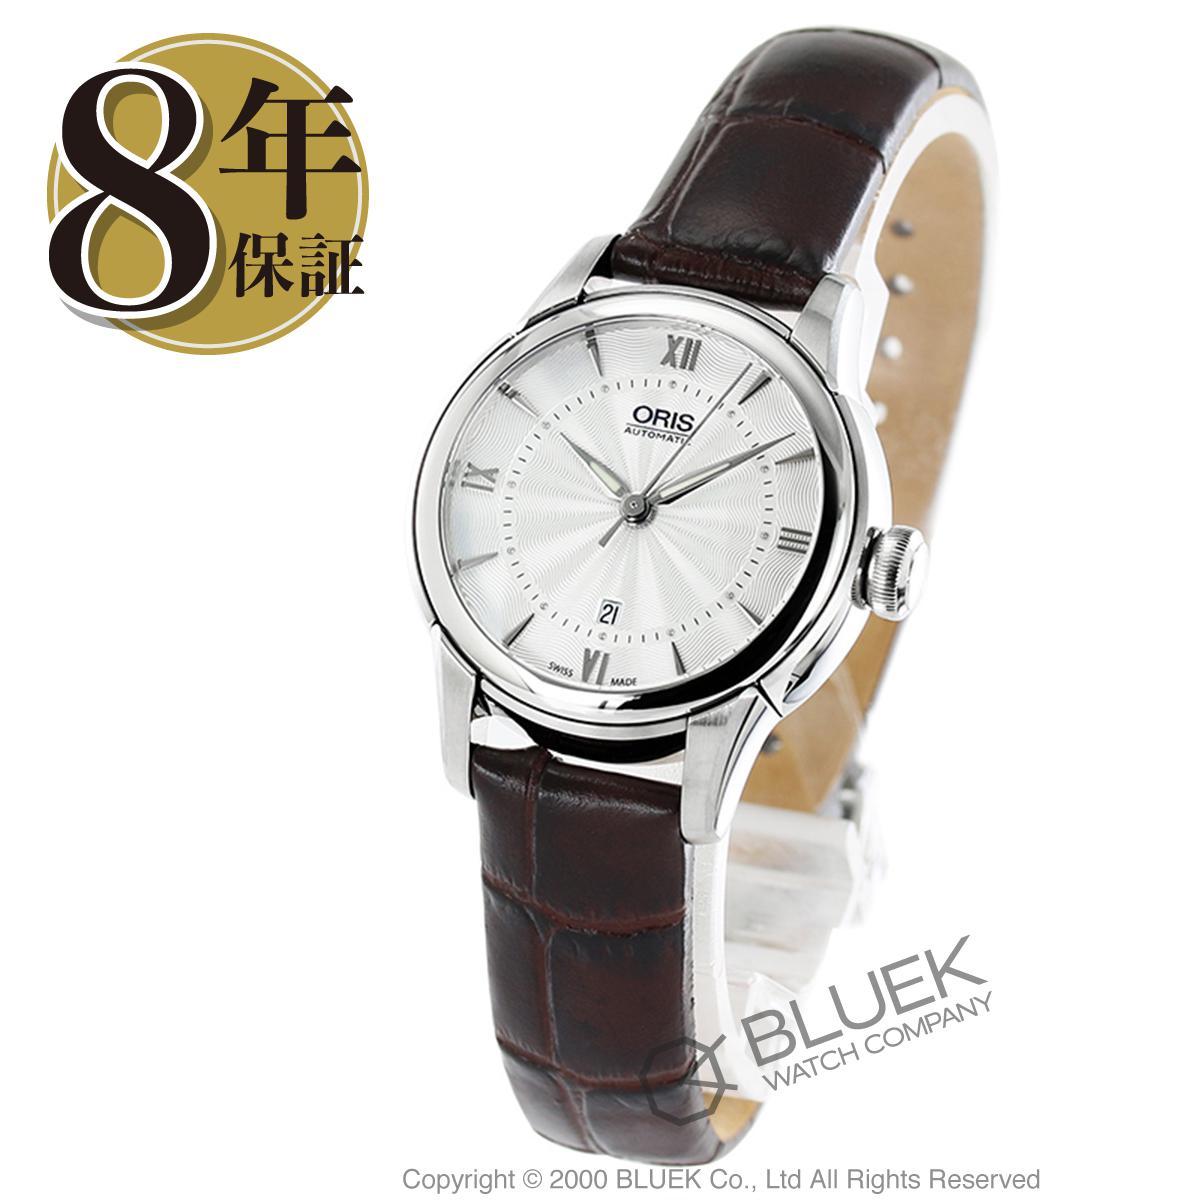 オリス アートリエ デイト 腕時計 レディース ORIS 561 7687 4071D_8